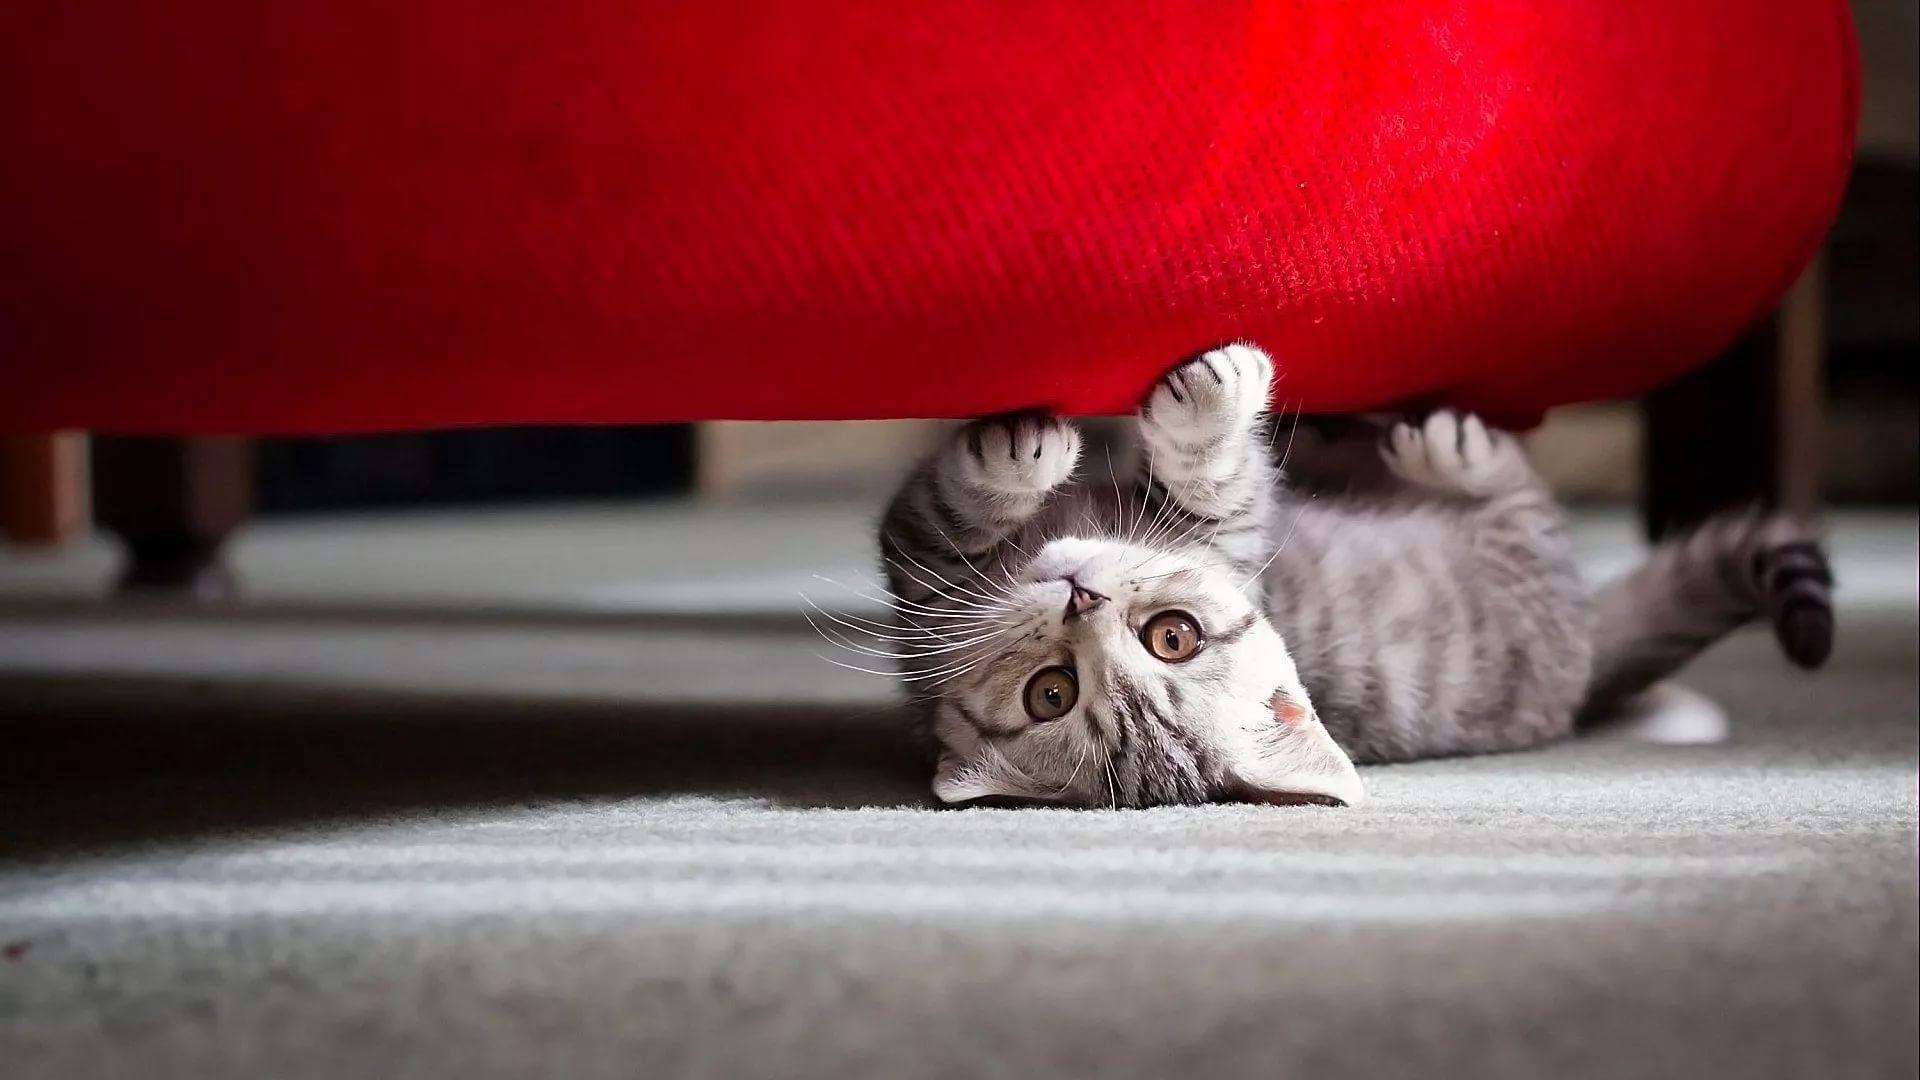 Lovely Cat full screen hd wallpaper